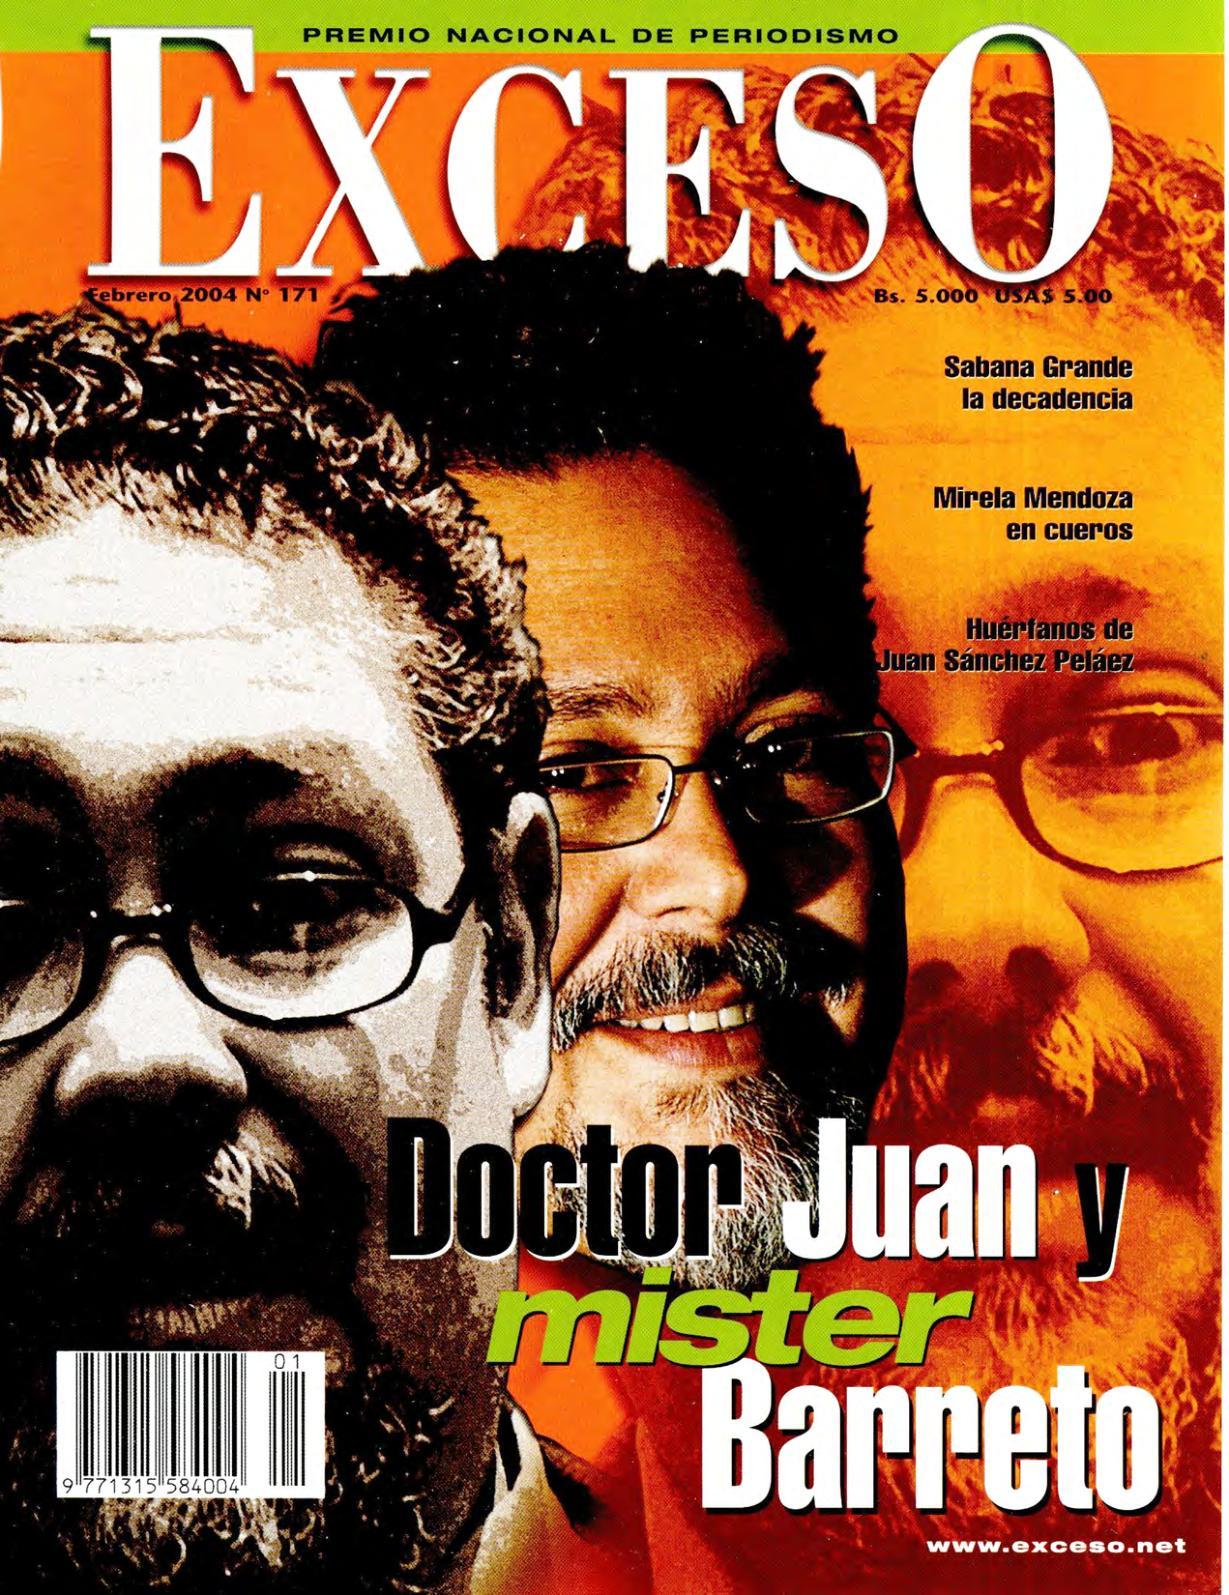 Calaméo - REVISTA EXCESO EDICIÓN Nº 171 FEBRERO 2004